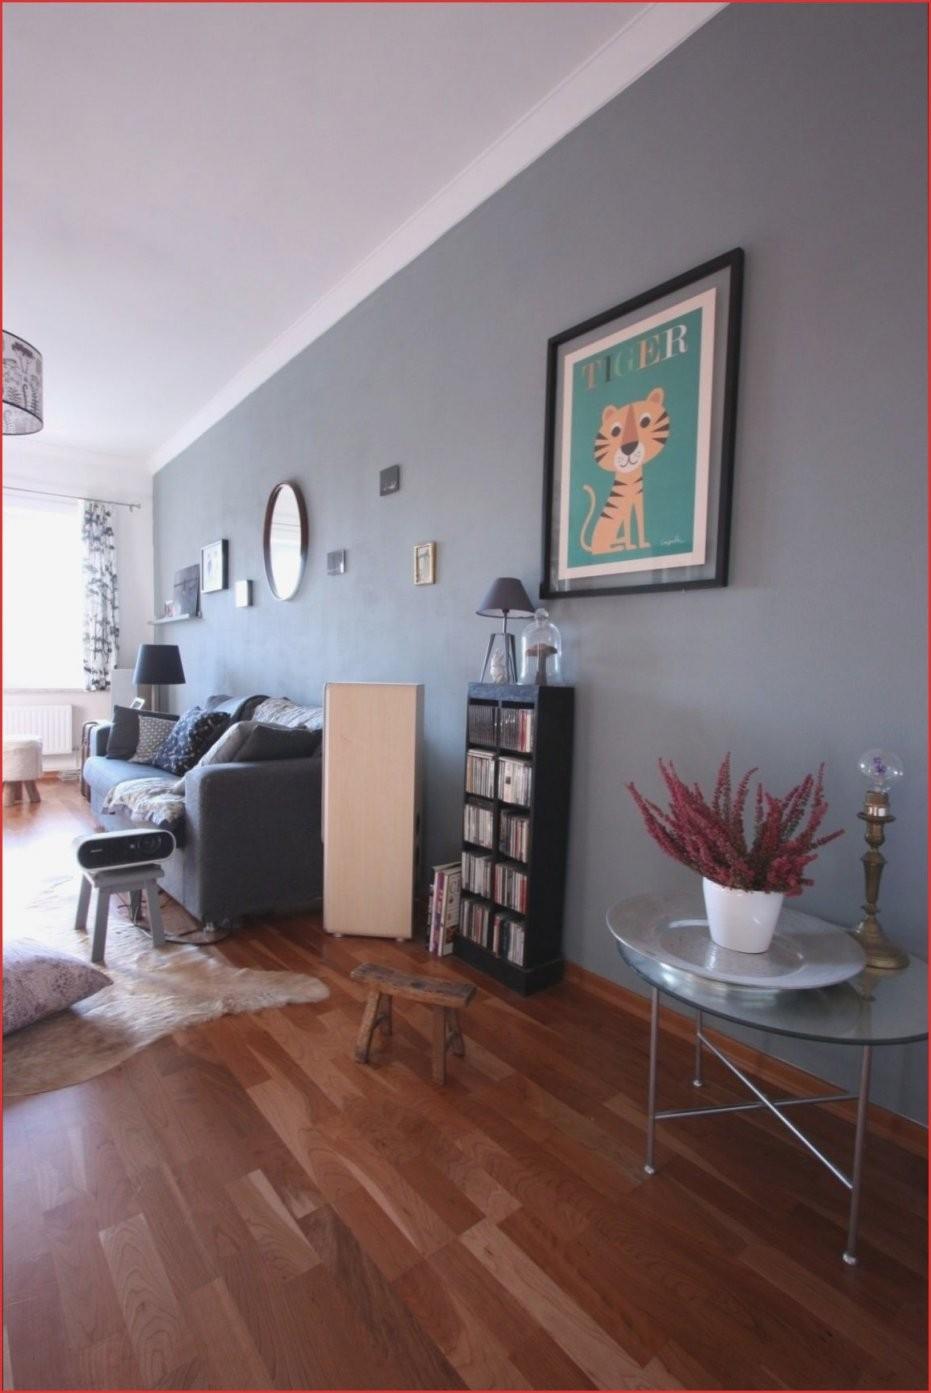 Graue Wand Wohnzimmer Einzigartig Wand Streichen Grau Elegant Wand von Wohnzimmer Grau Weiß Streichen Photo